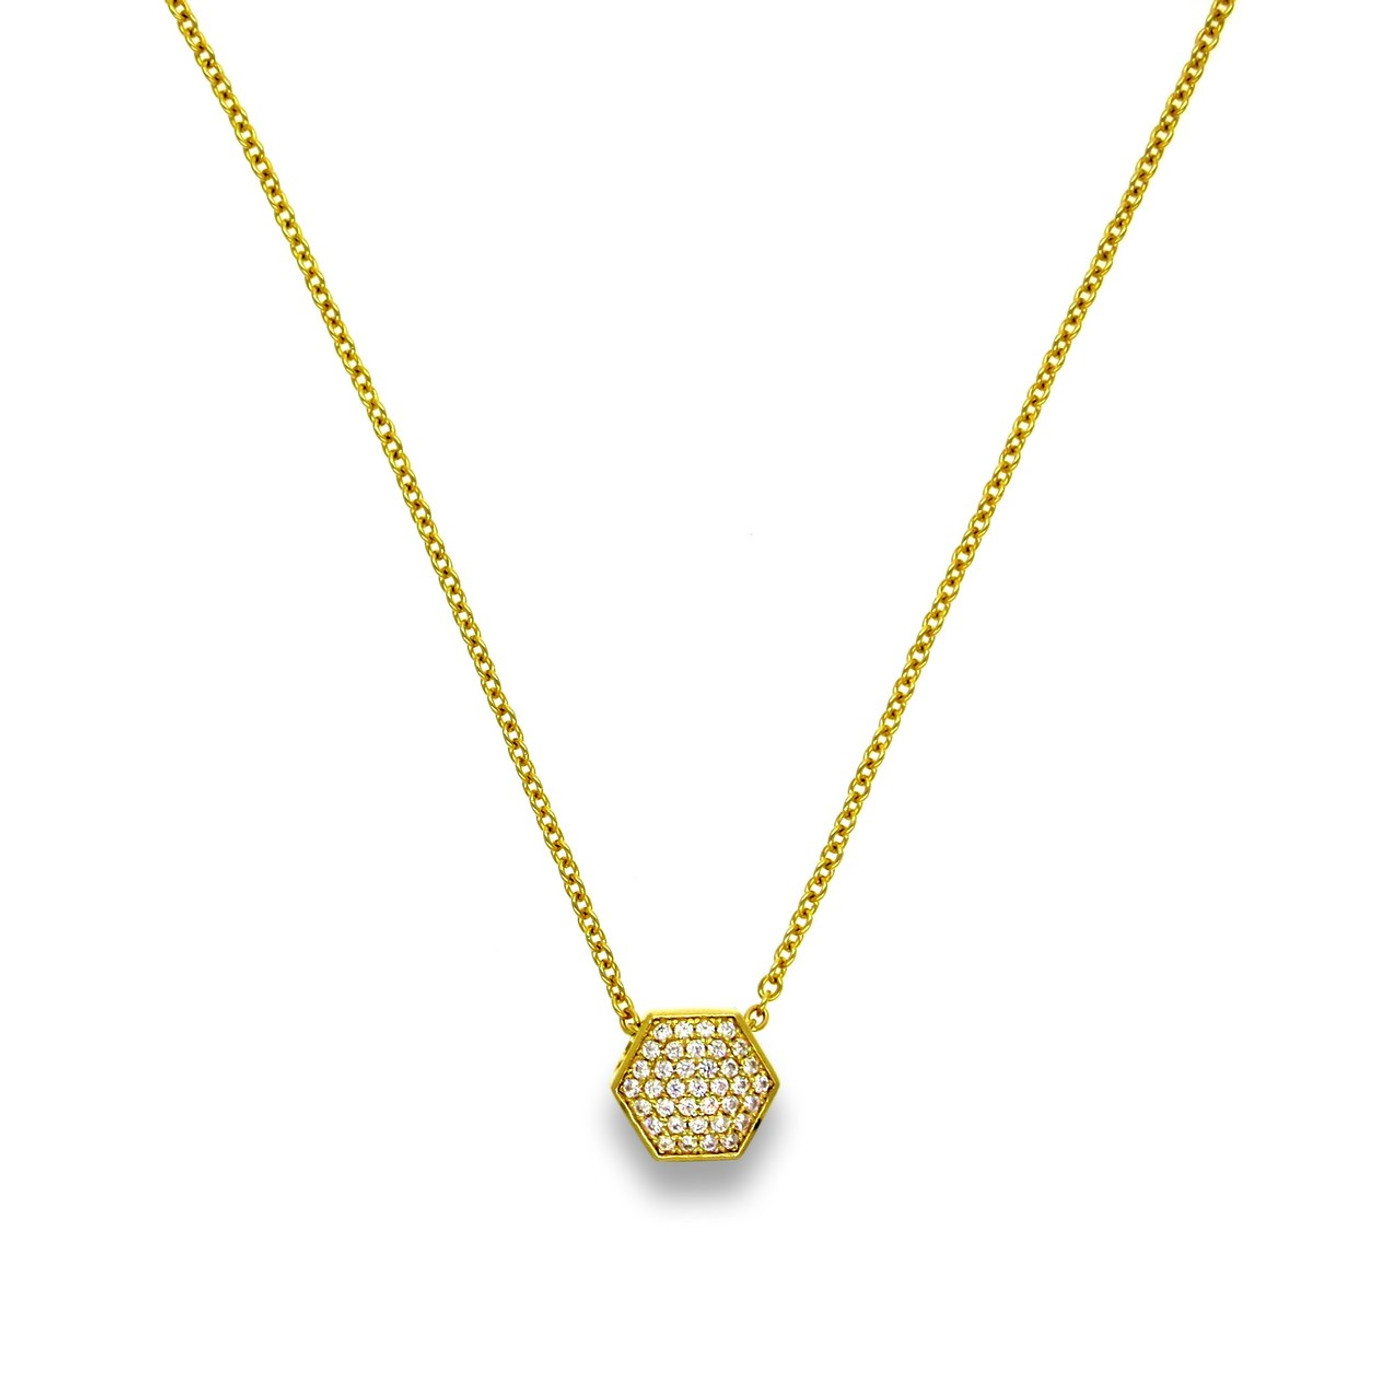 Pave Nut Necklace Gold